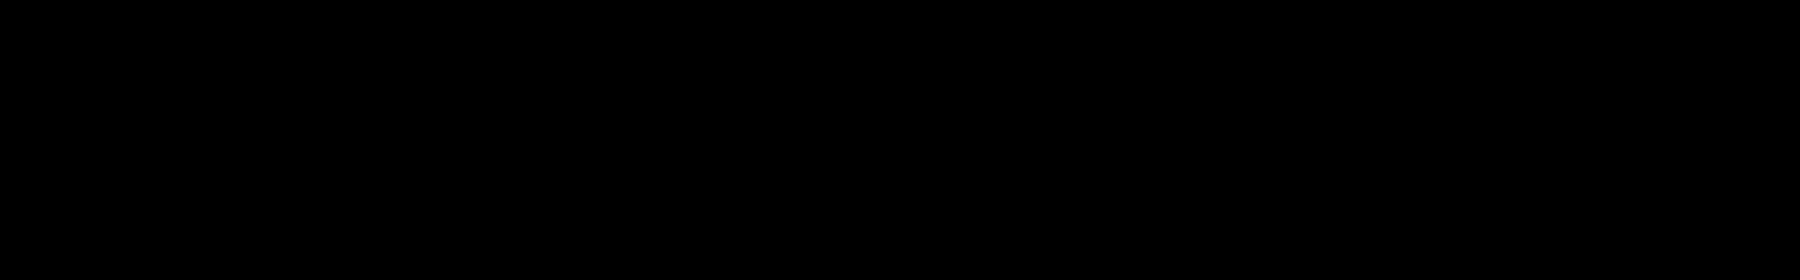 Guilt Chip - Hypercolour Dubstep audio waveform